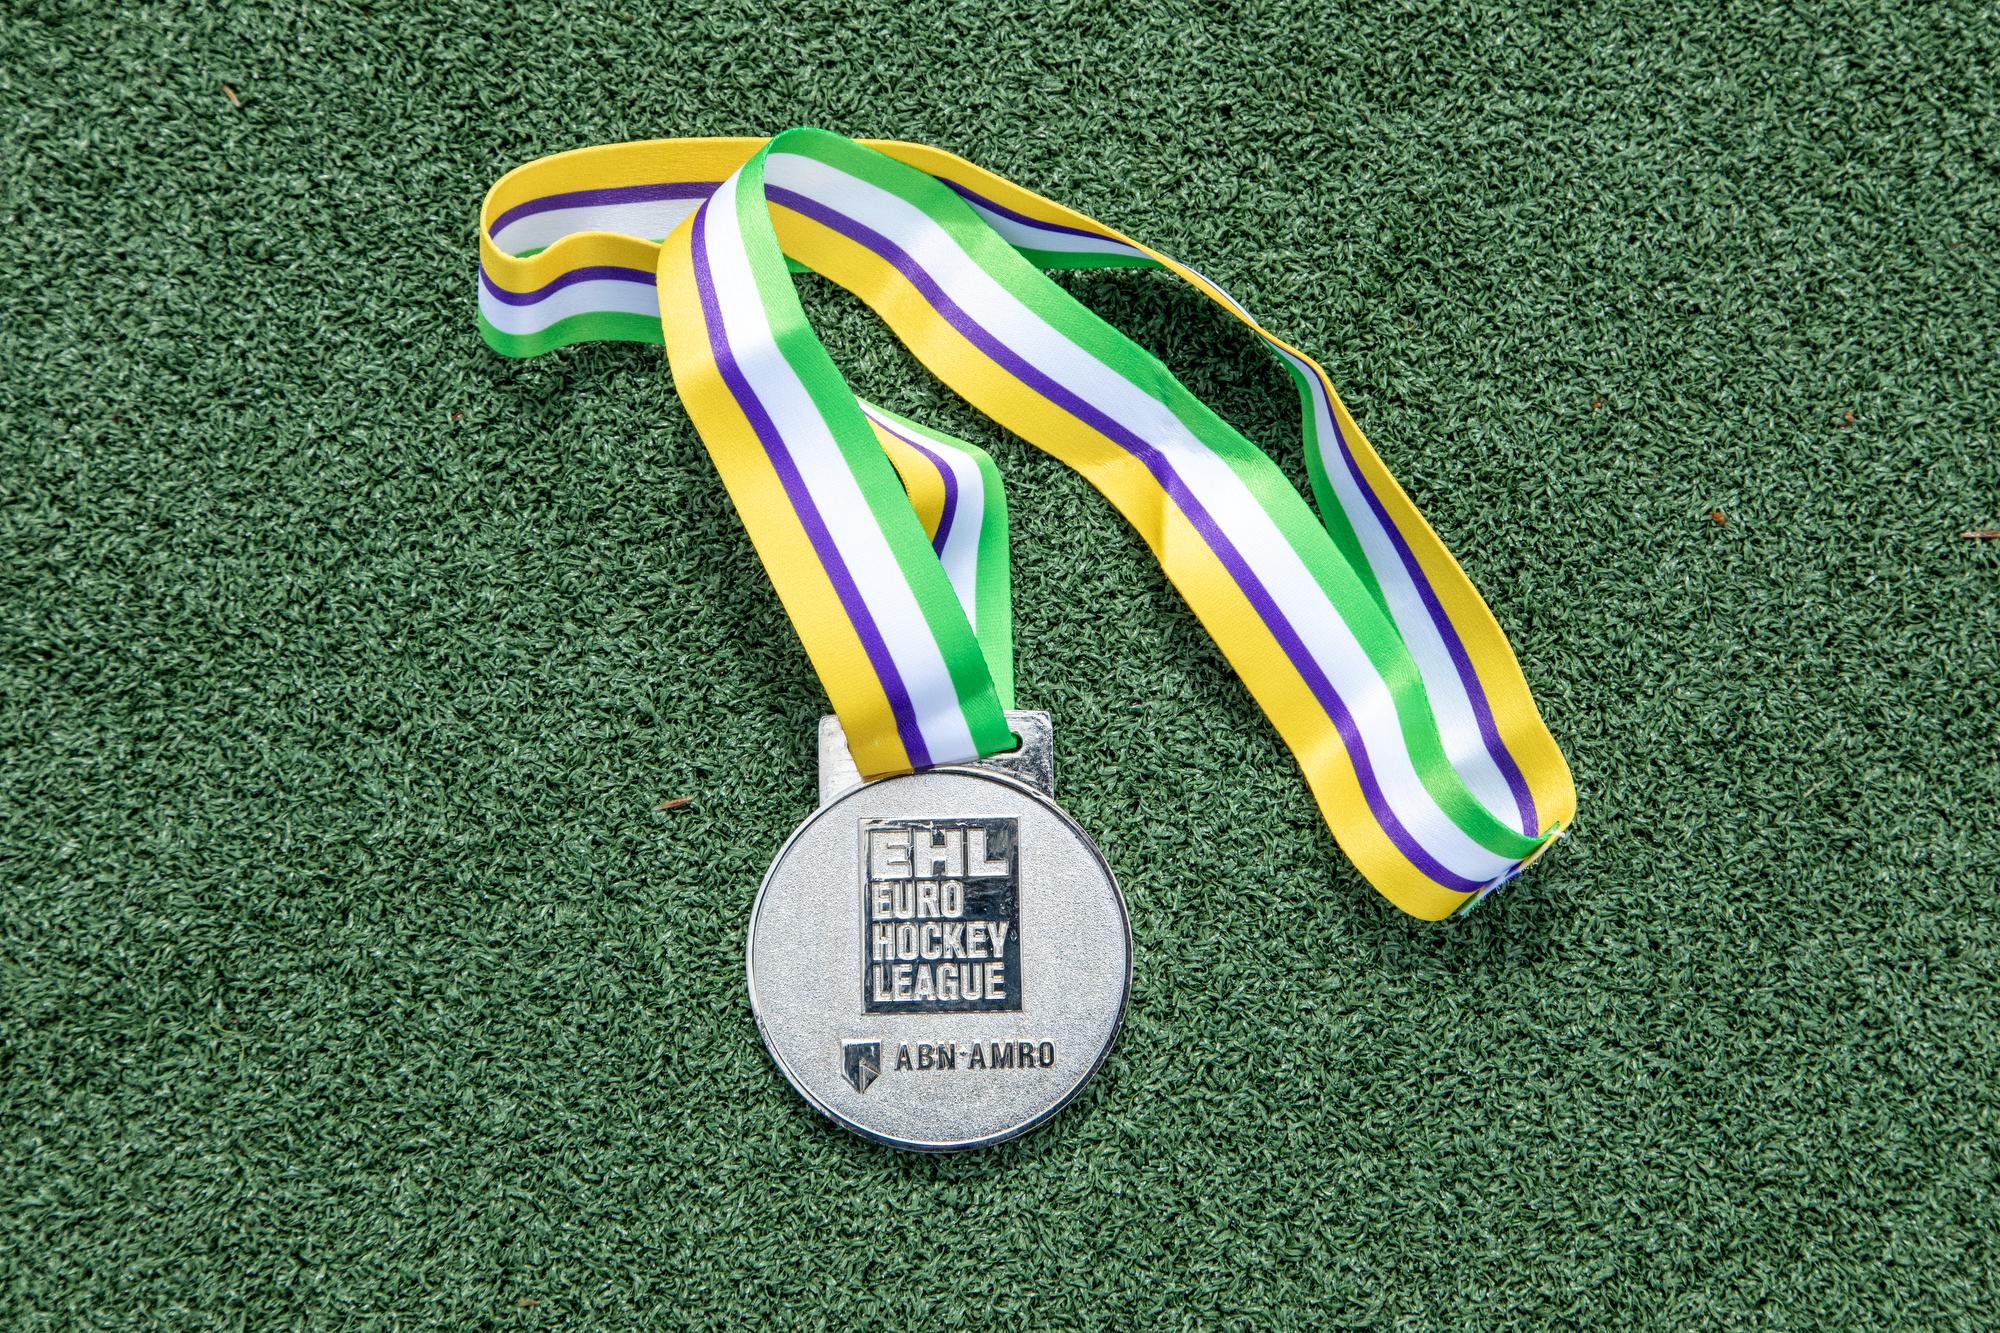 Medalla de plata de la Euro Hockey League 2021. Foto: Miguel Ros / CCVM